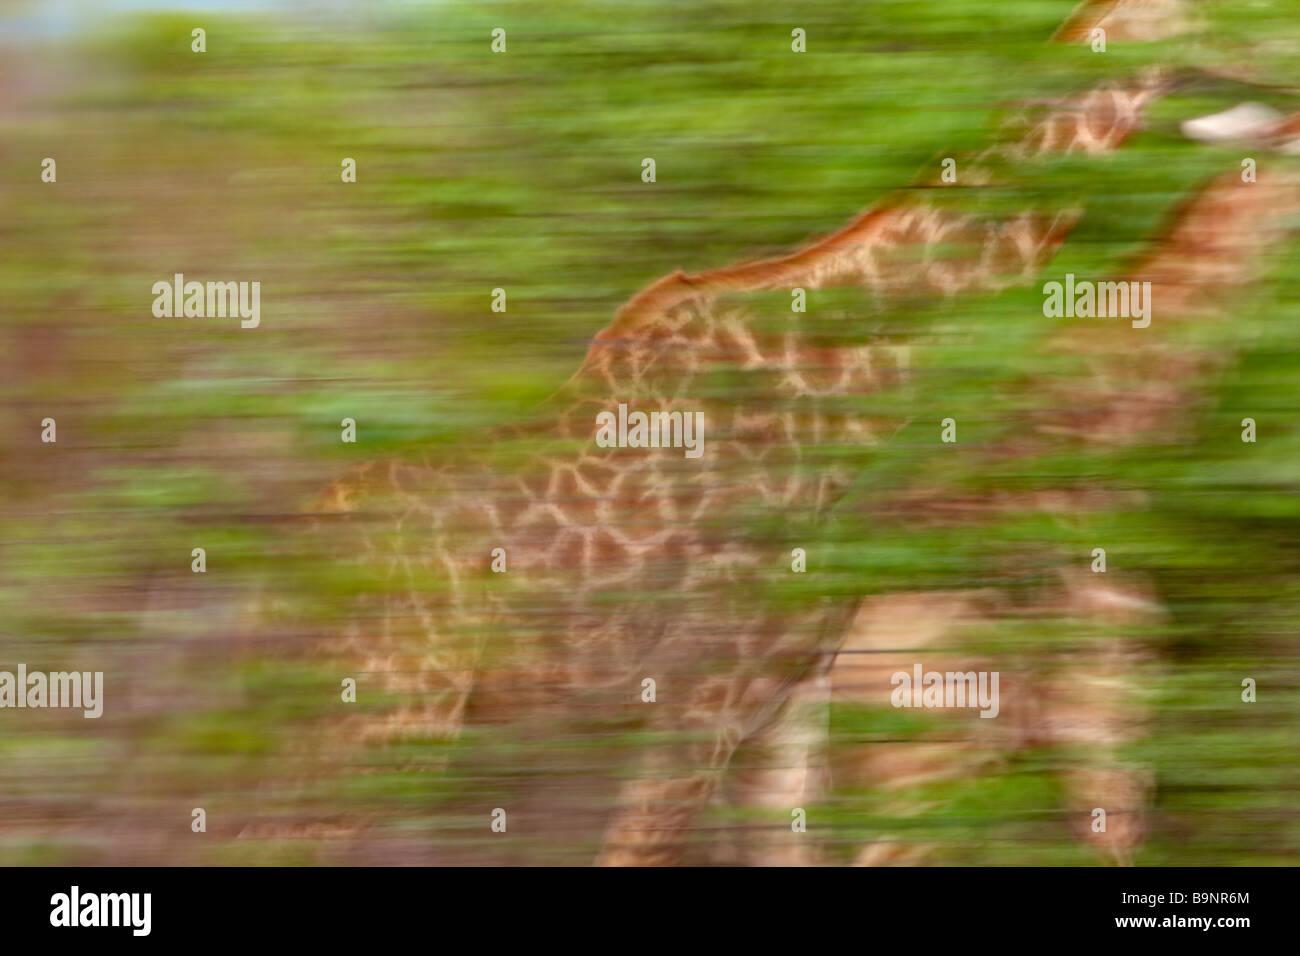 Due giraffe in movimento nella boccola, Kruger National Park, Sud Africa Immagini Stock